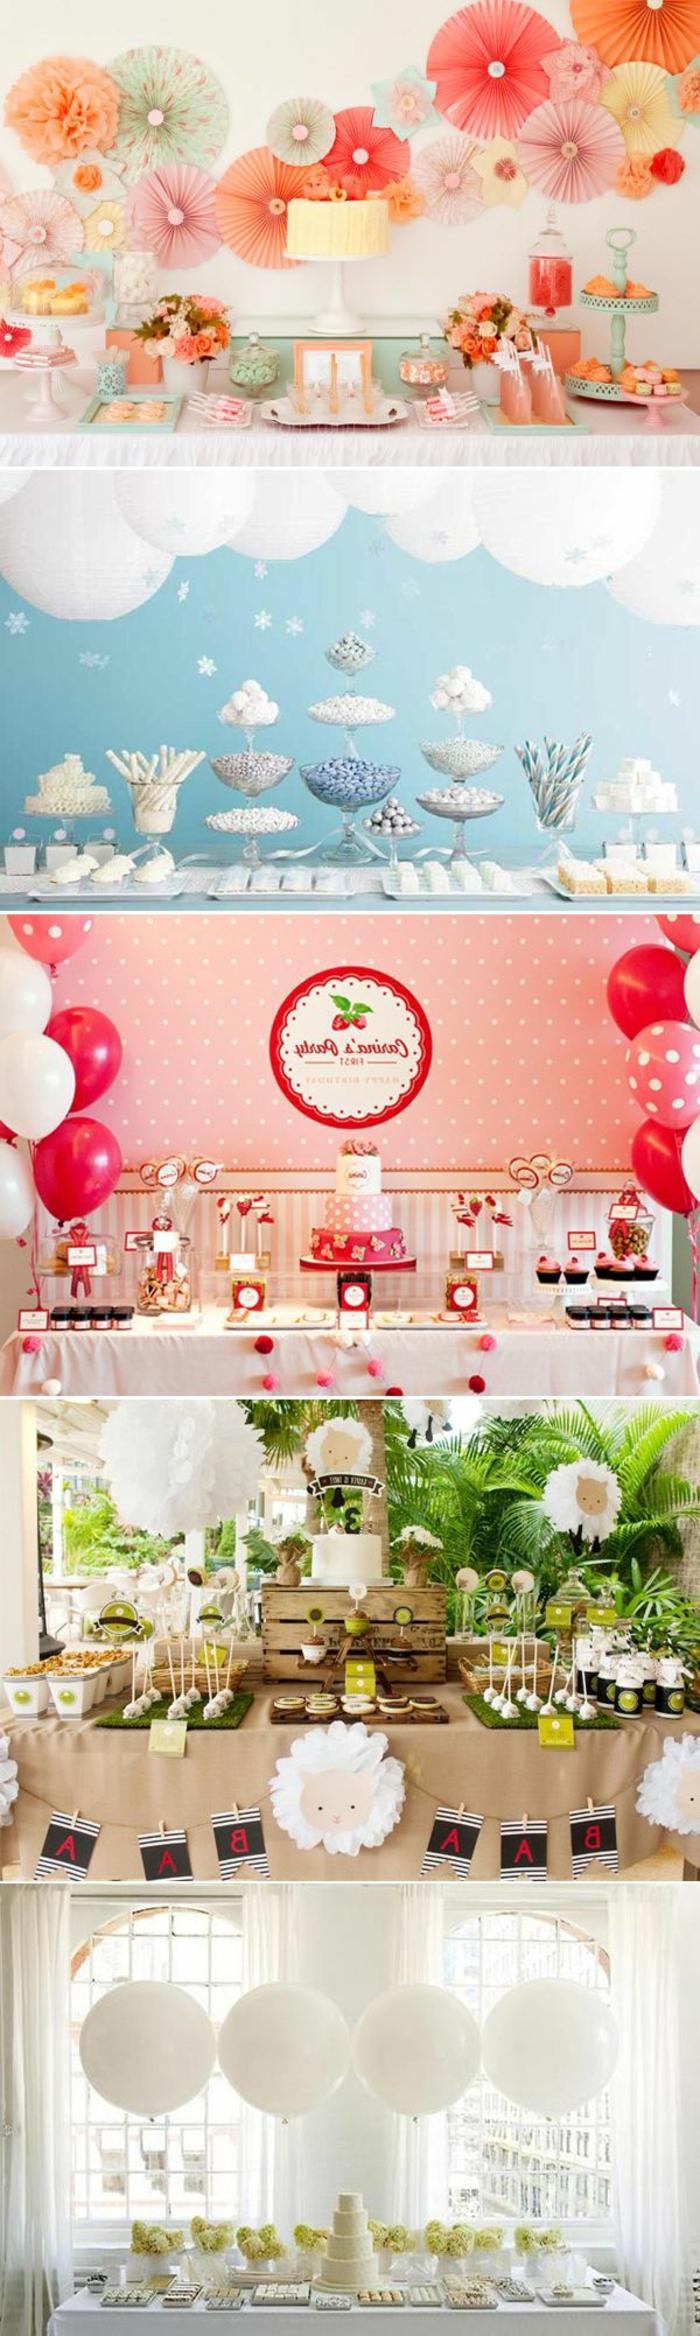 coloridas propuestas sobre cómo decorar el comedor para una fiesta infantil o cumpleaños